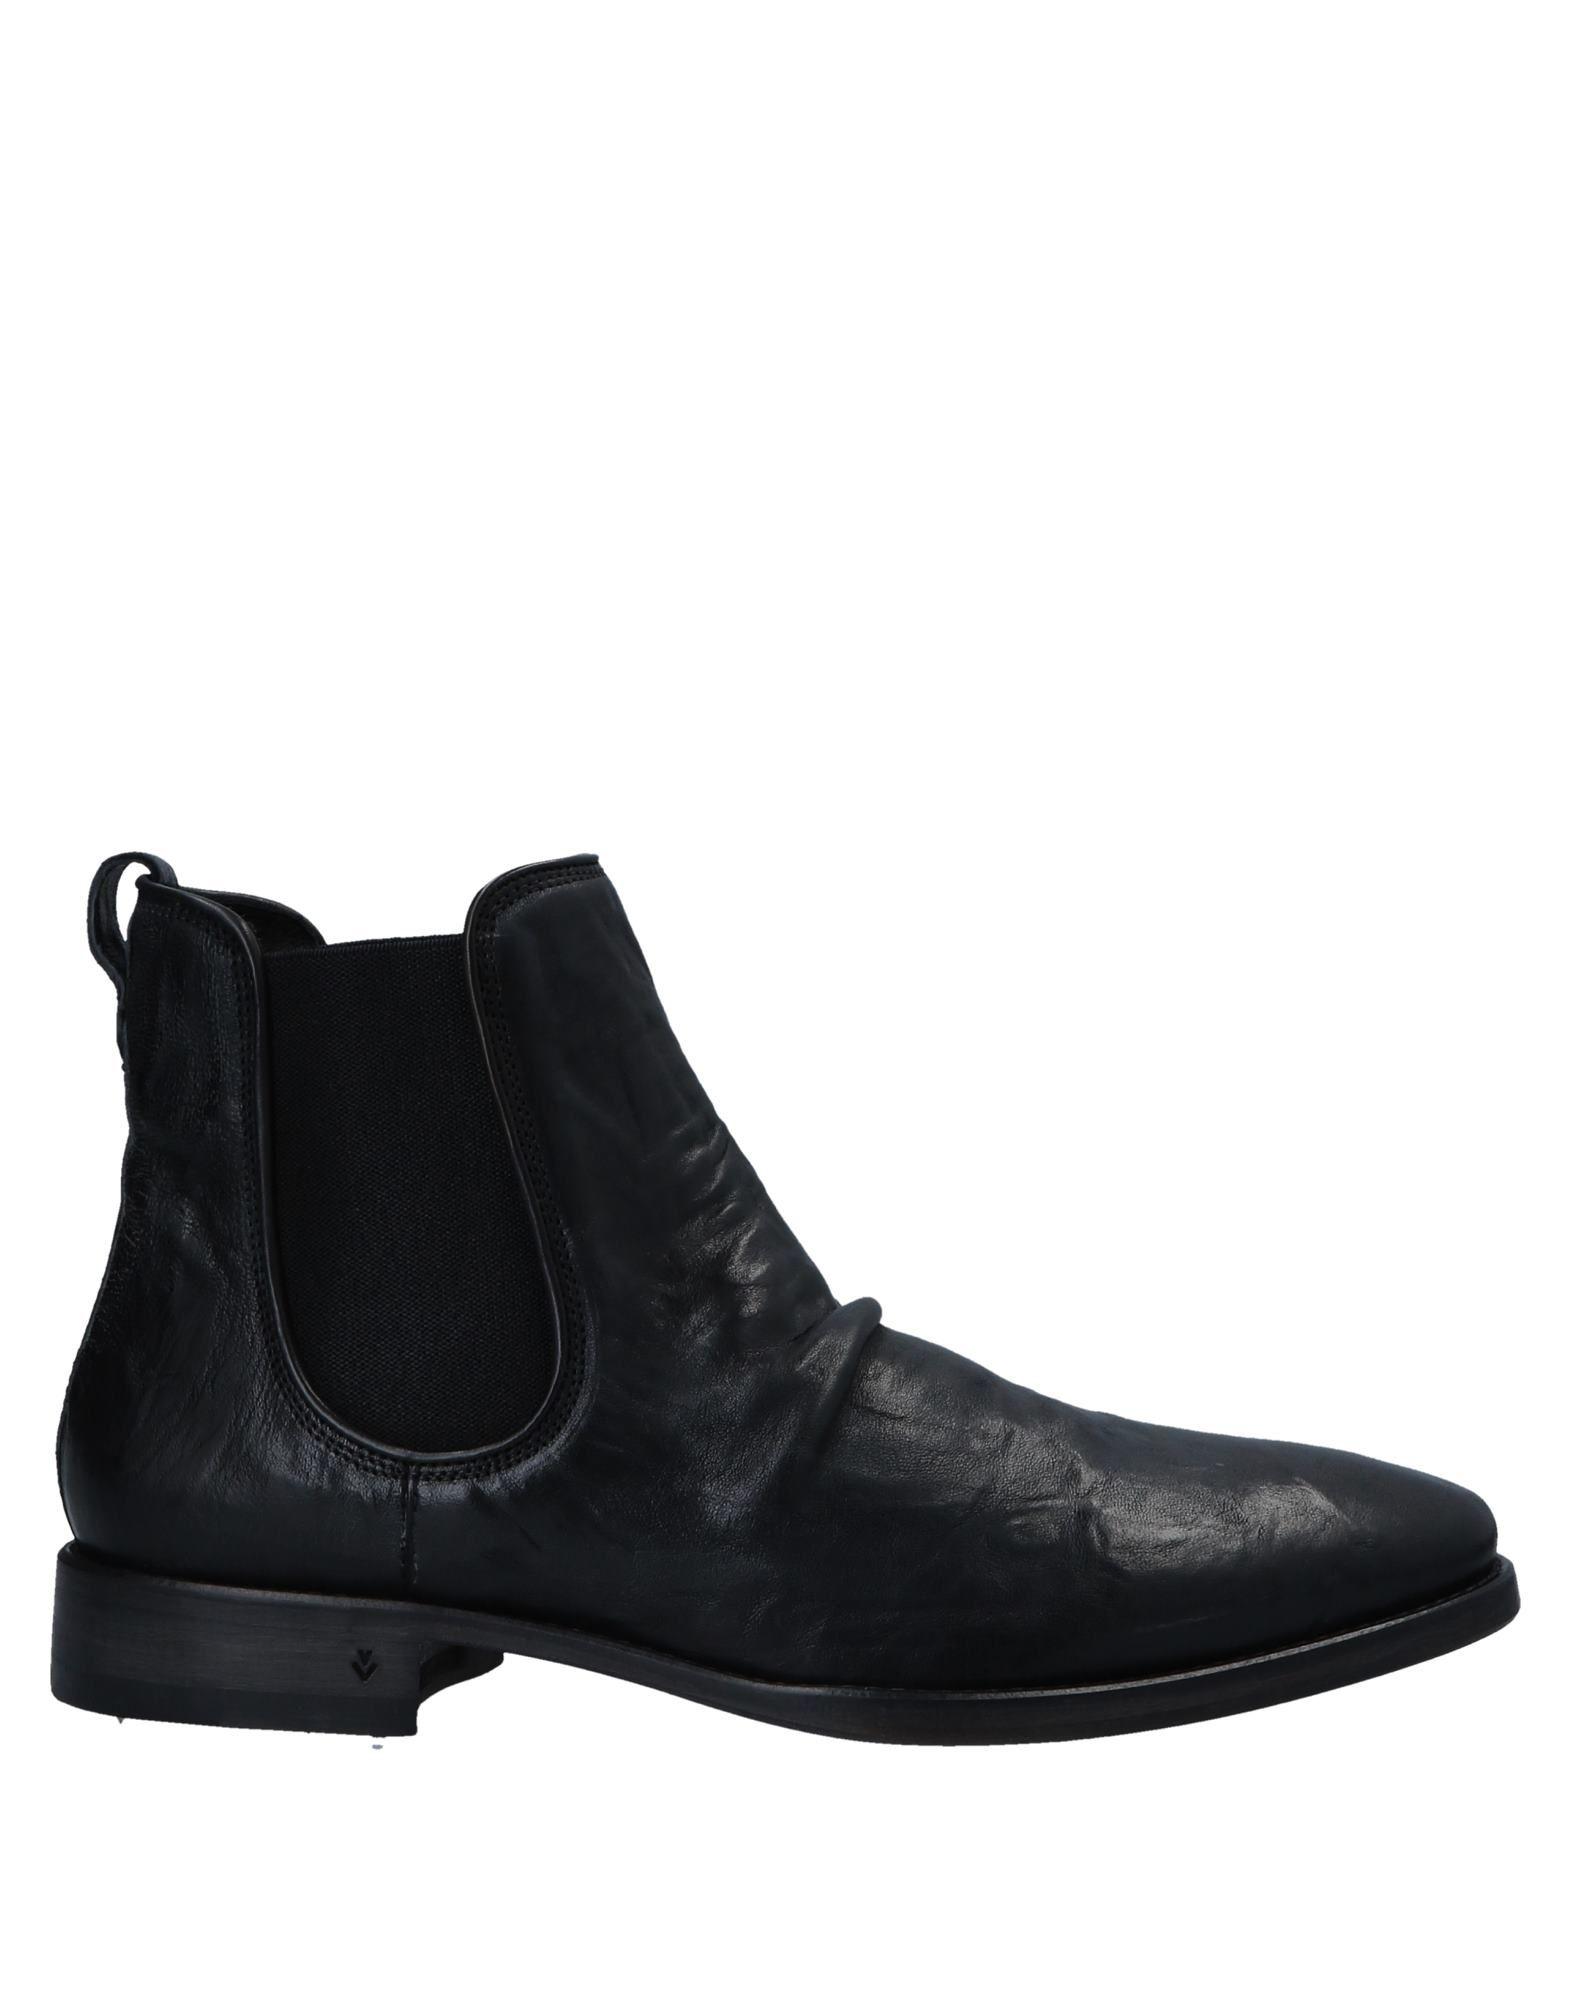 JOHN VARVATOS | JOHN VARVATOS Ankle boots | Goxip